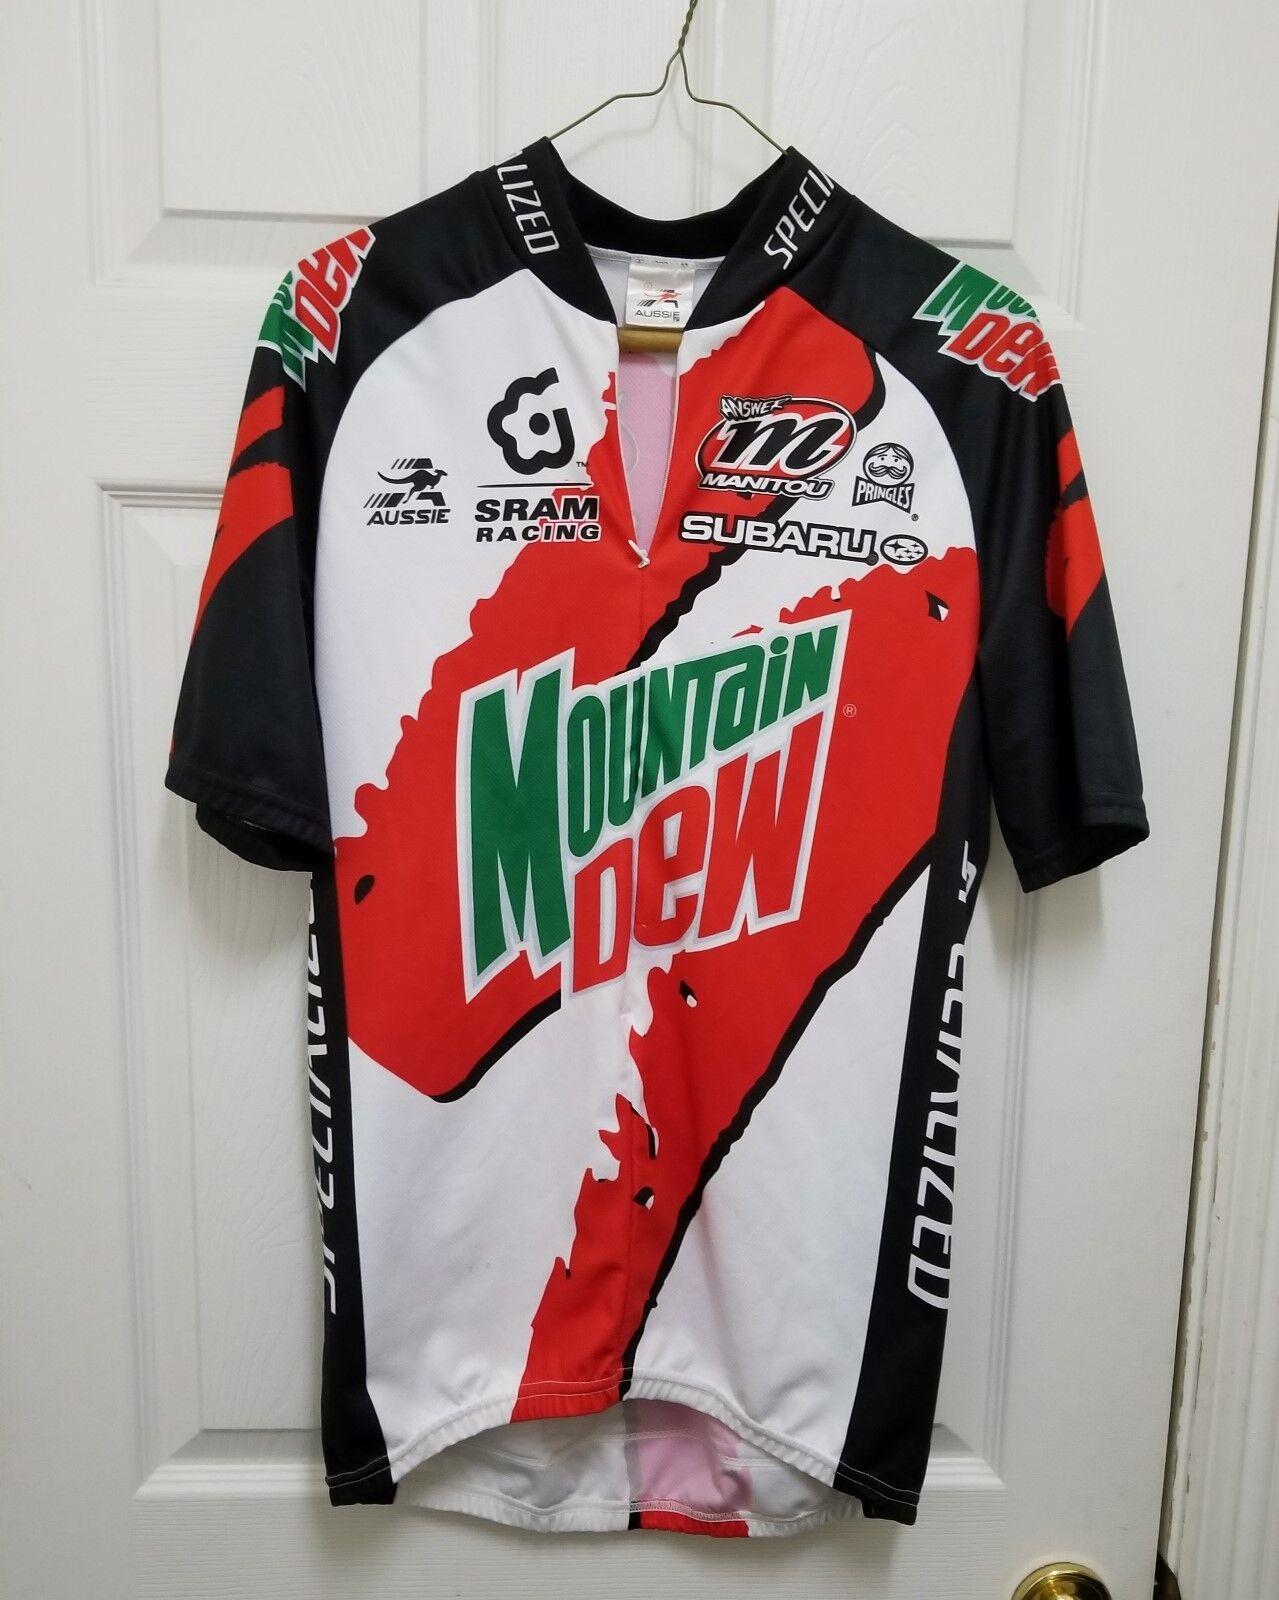 Aussie Specialized Mountain Dew Biking Cycling Jersey Men's SZ L Subaru